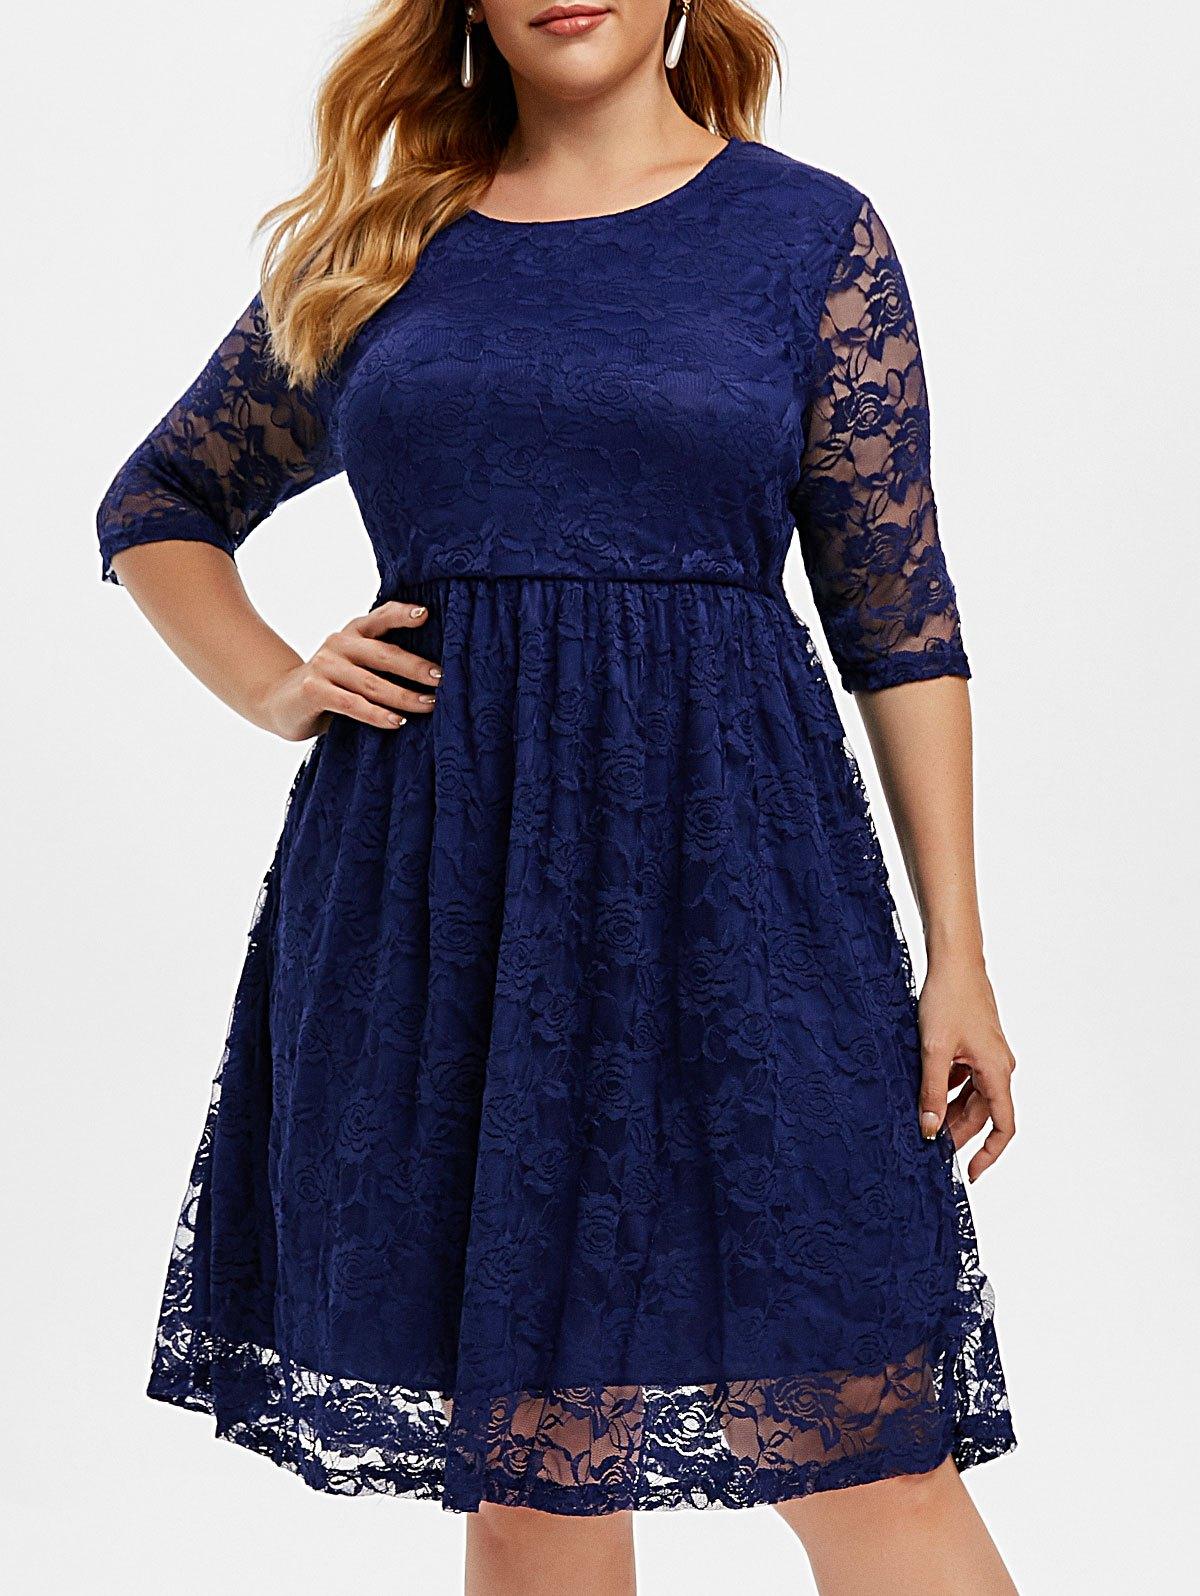 Lined Lace Plus Size A Line Dress